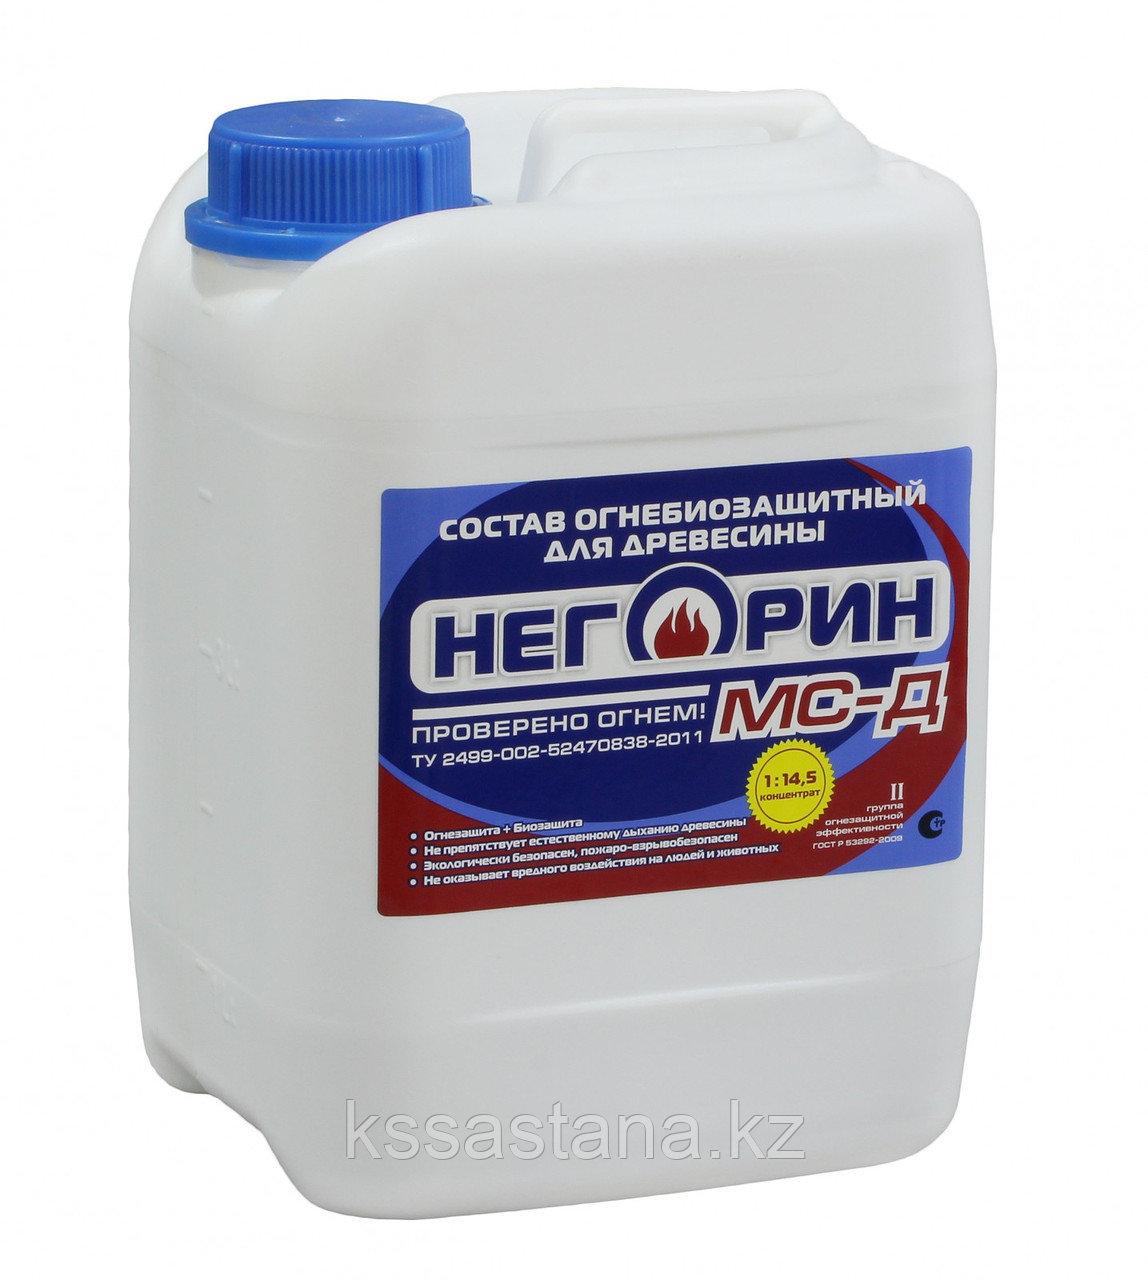 """Состав огнебиозащитный """"НЕГОРИН -МС-Д""""  для древесины"""